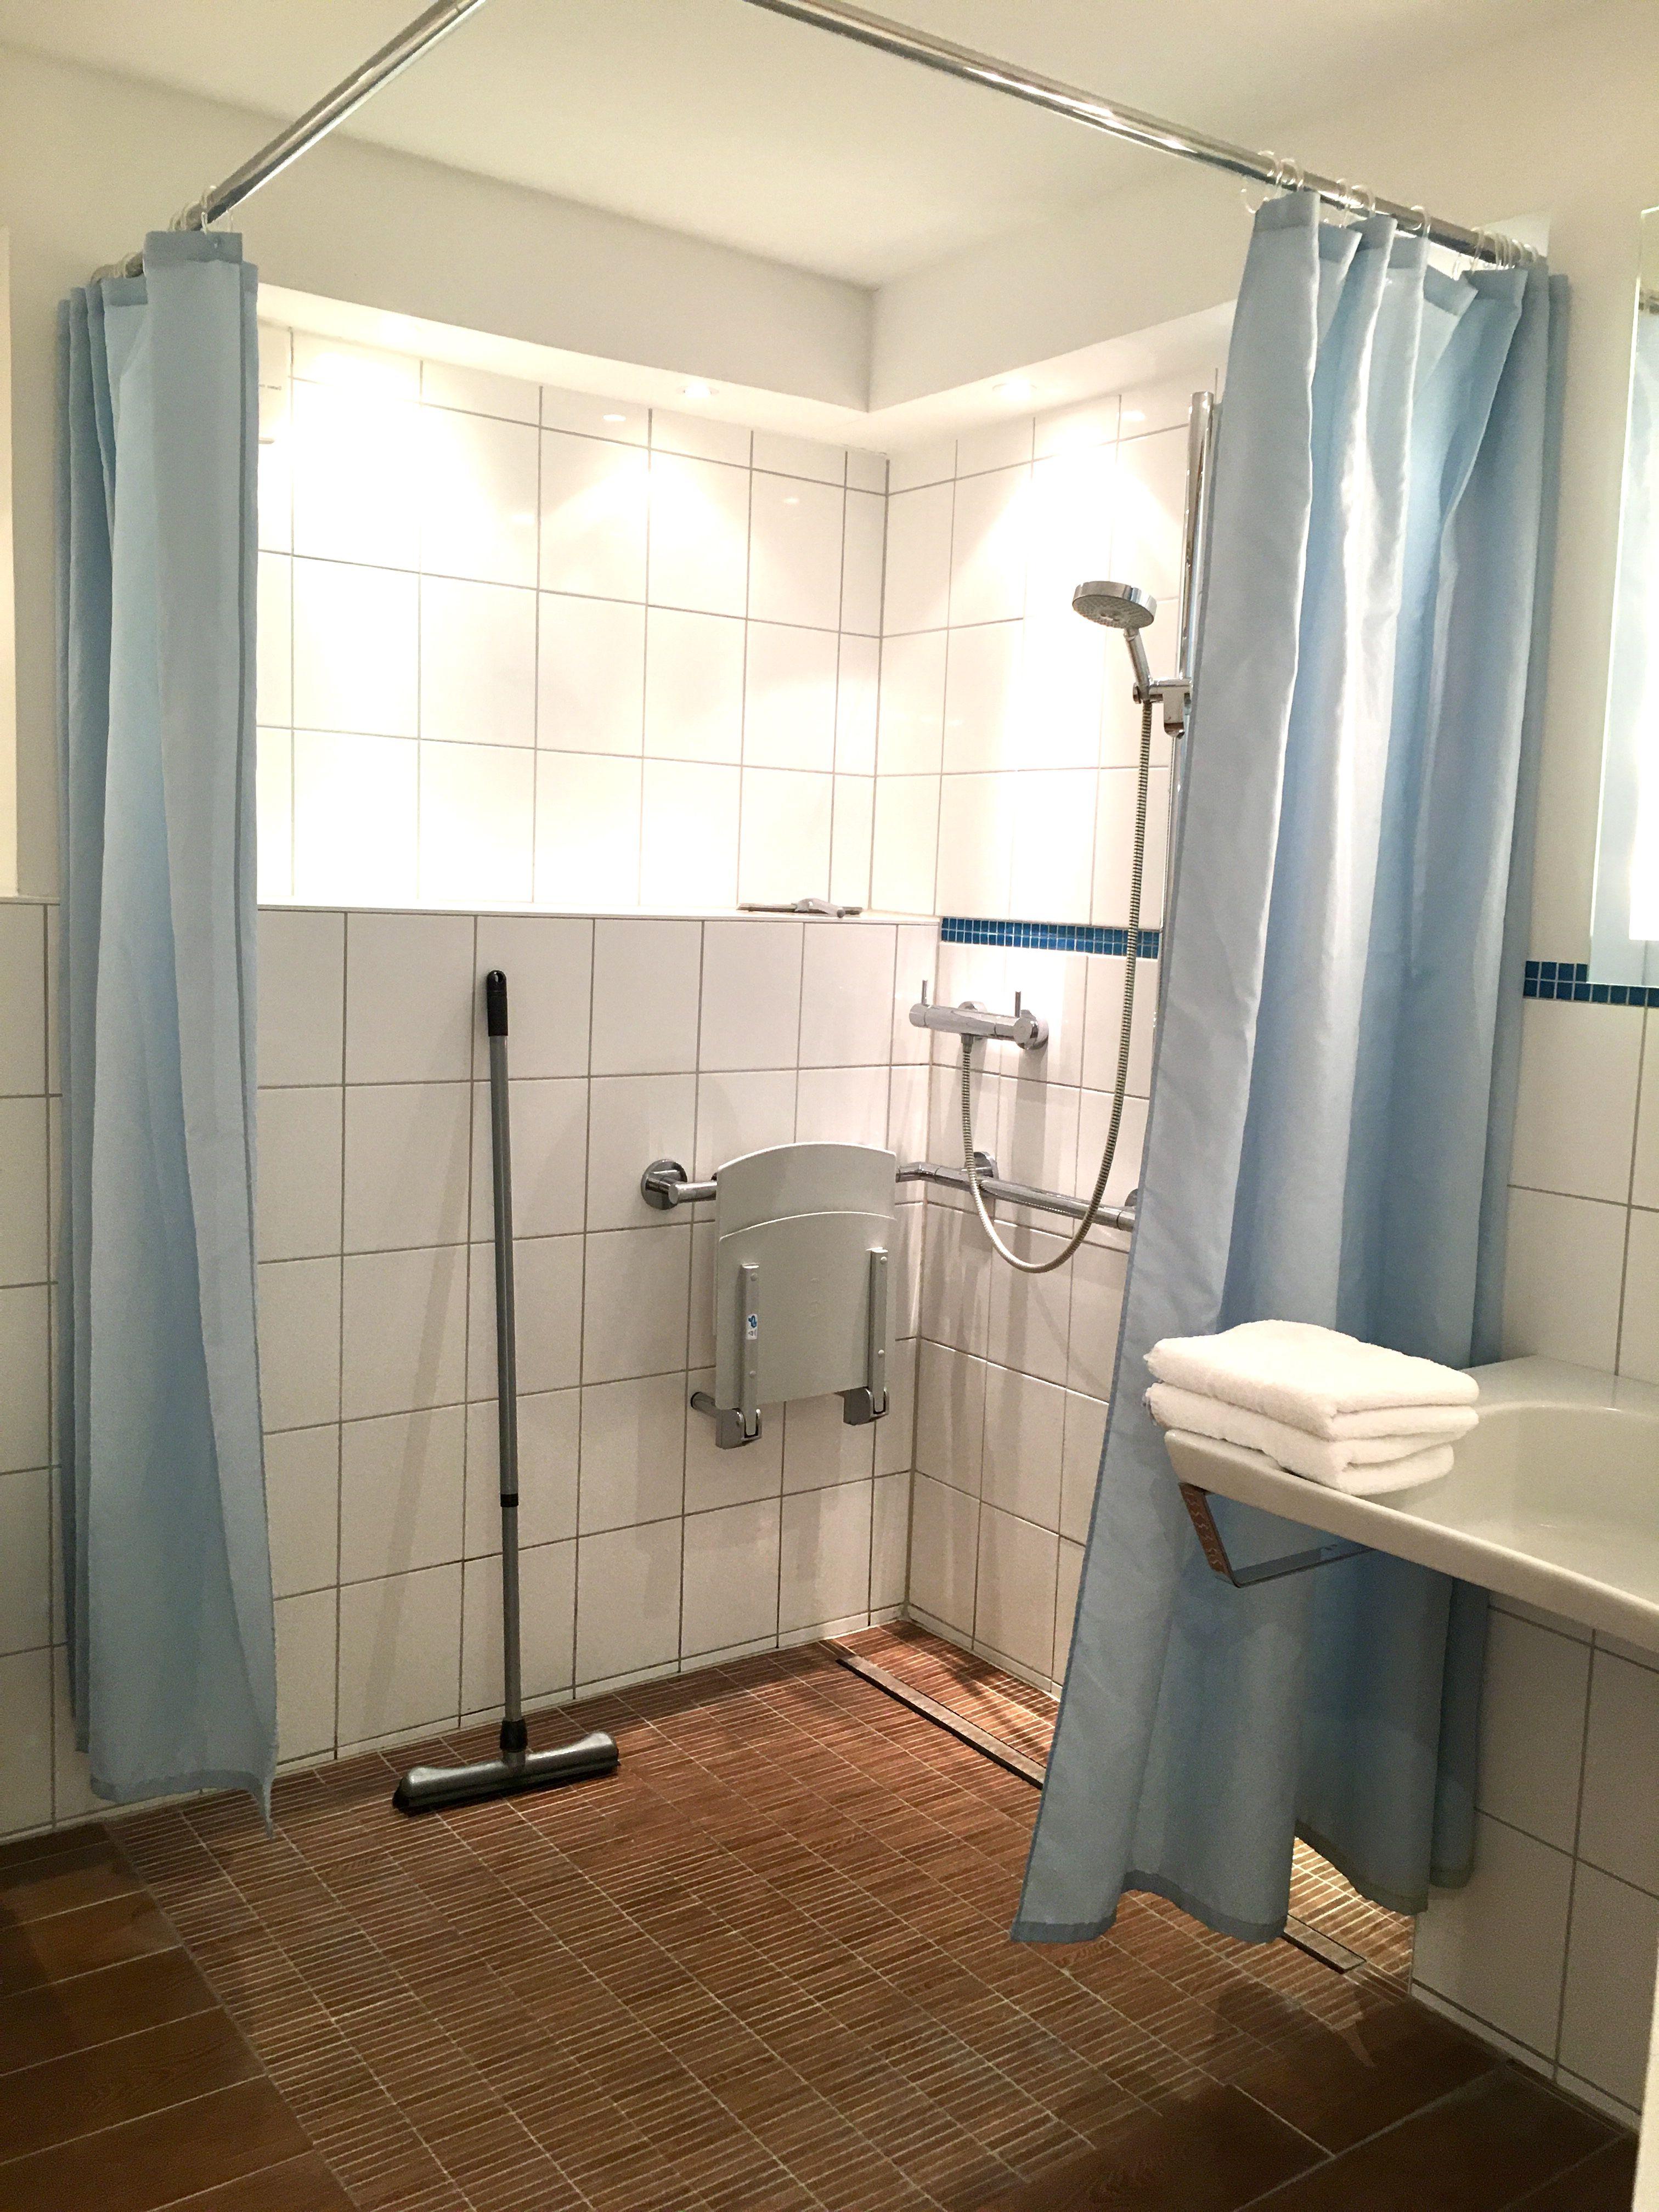 Bodenebene Dusche Unterfahrbares Waschbecken Haltegriffe Machen Es Fur Rollifahrer Geeignet Bauernhofcafe Wohnung Waschbecken